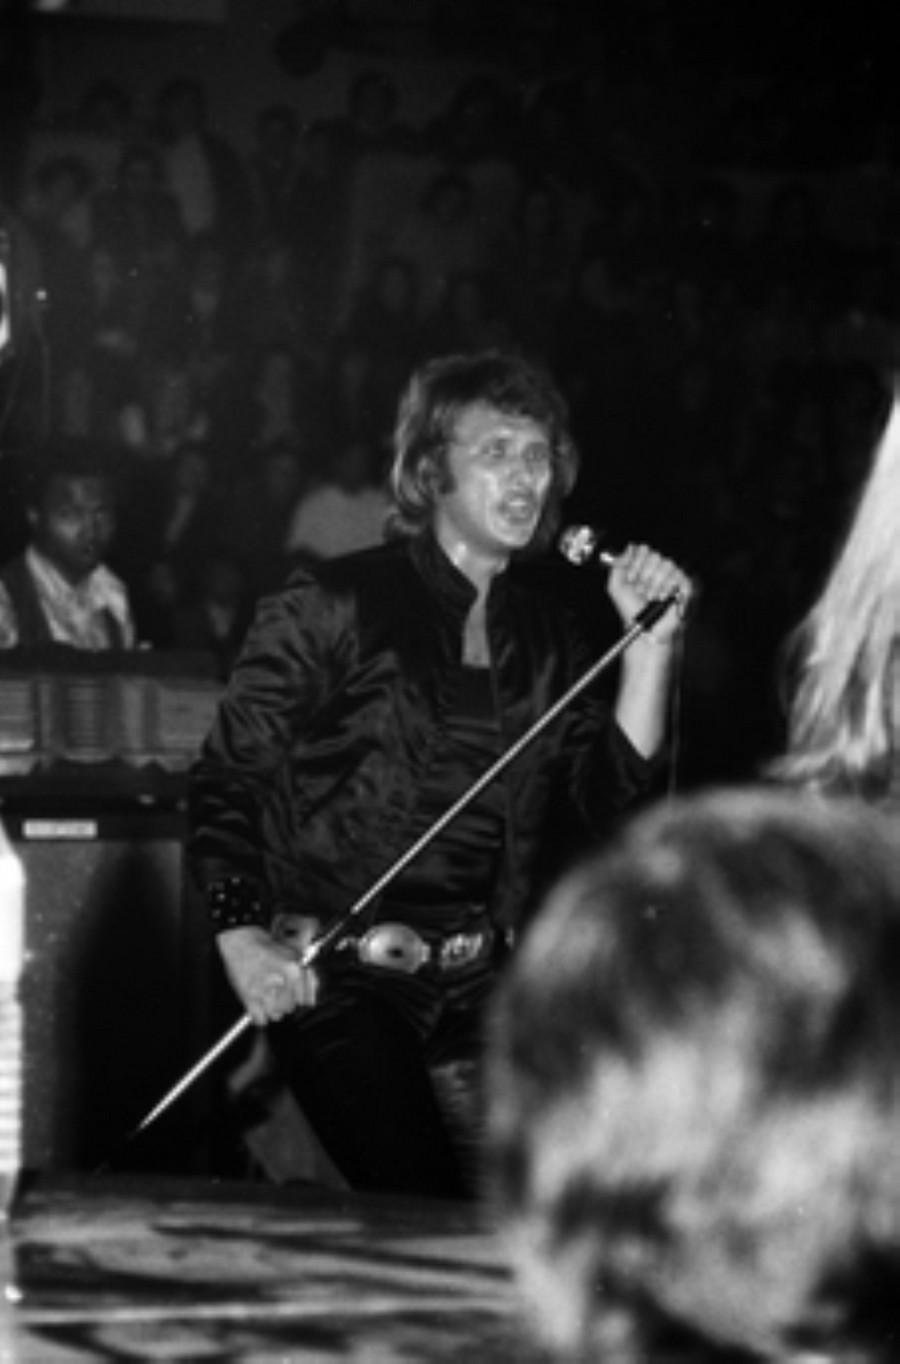 LES CONCERTS DE JOHNNY 'BESANCON 1971' Akg77028